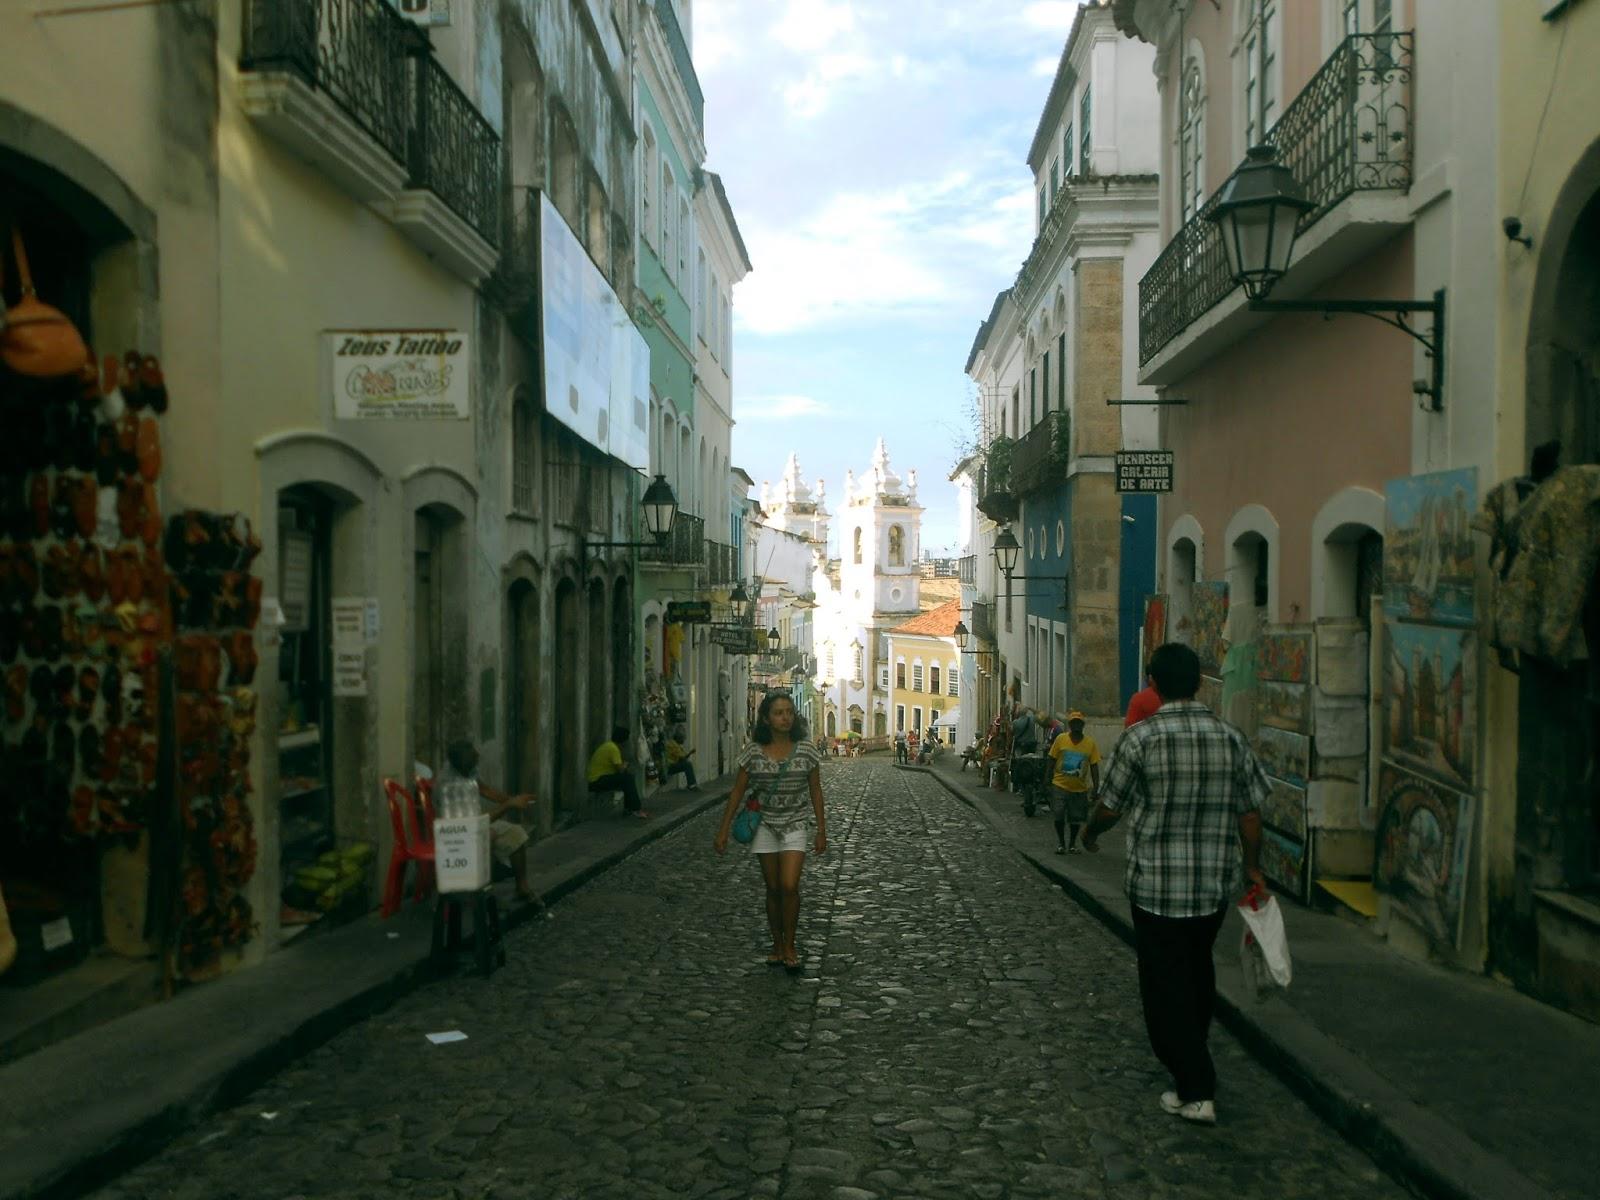 salvador-férias-centro-histórico-turista